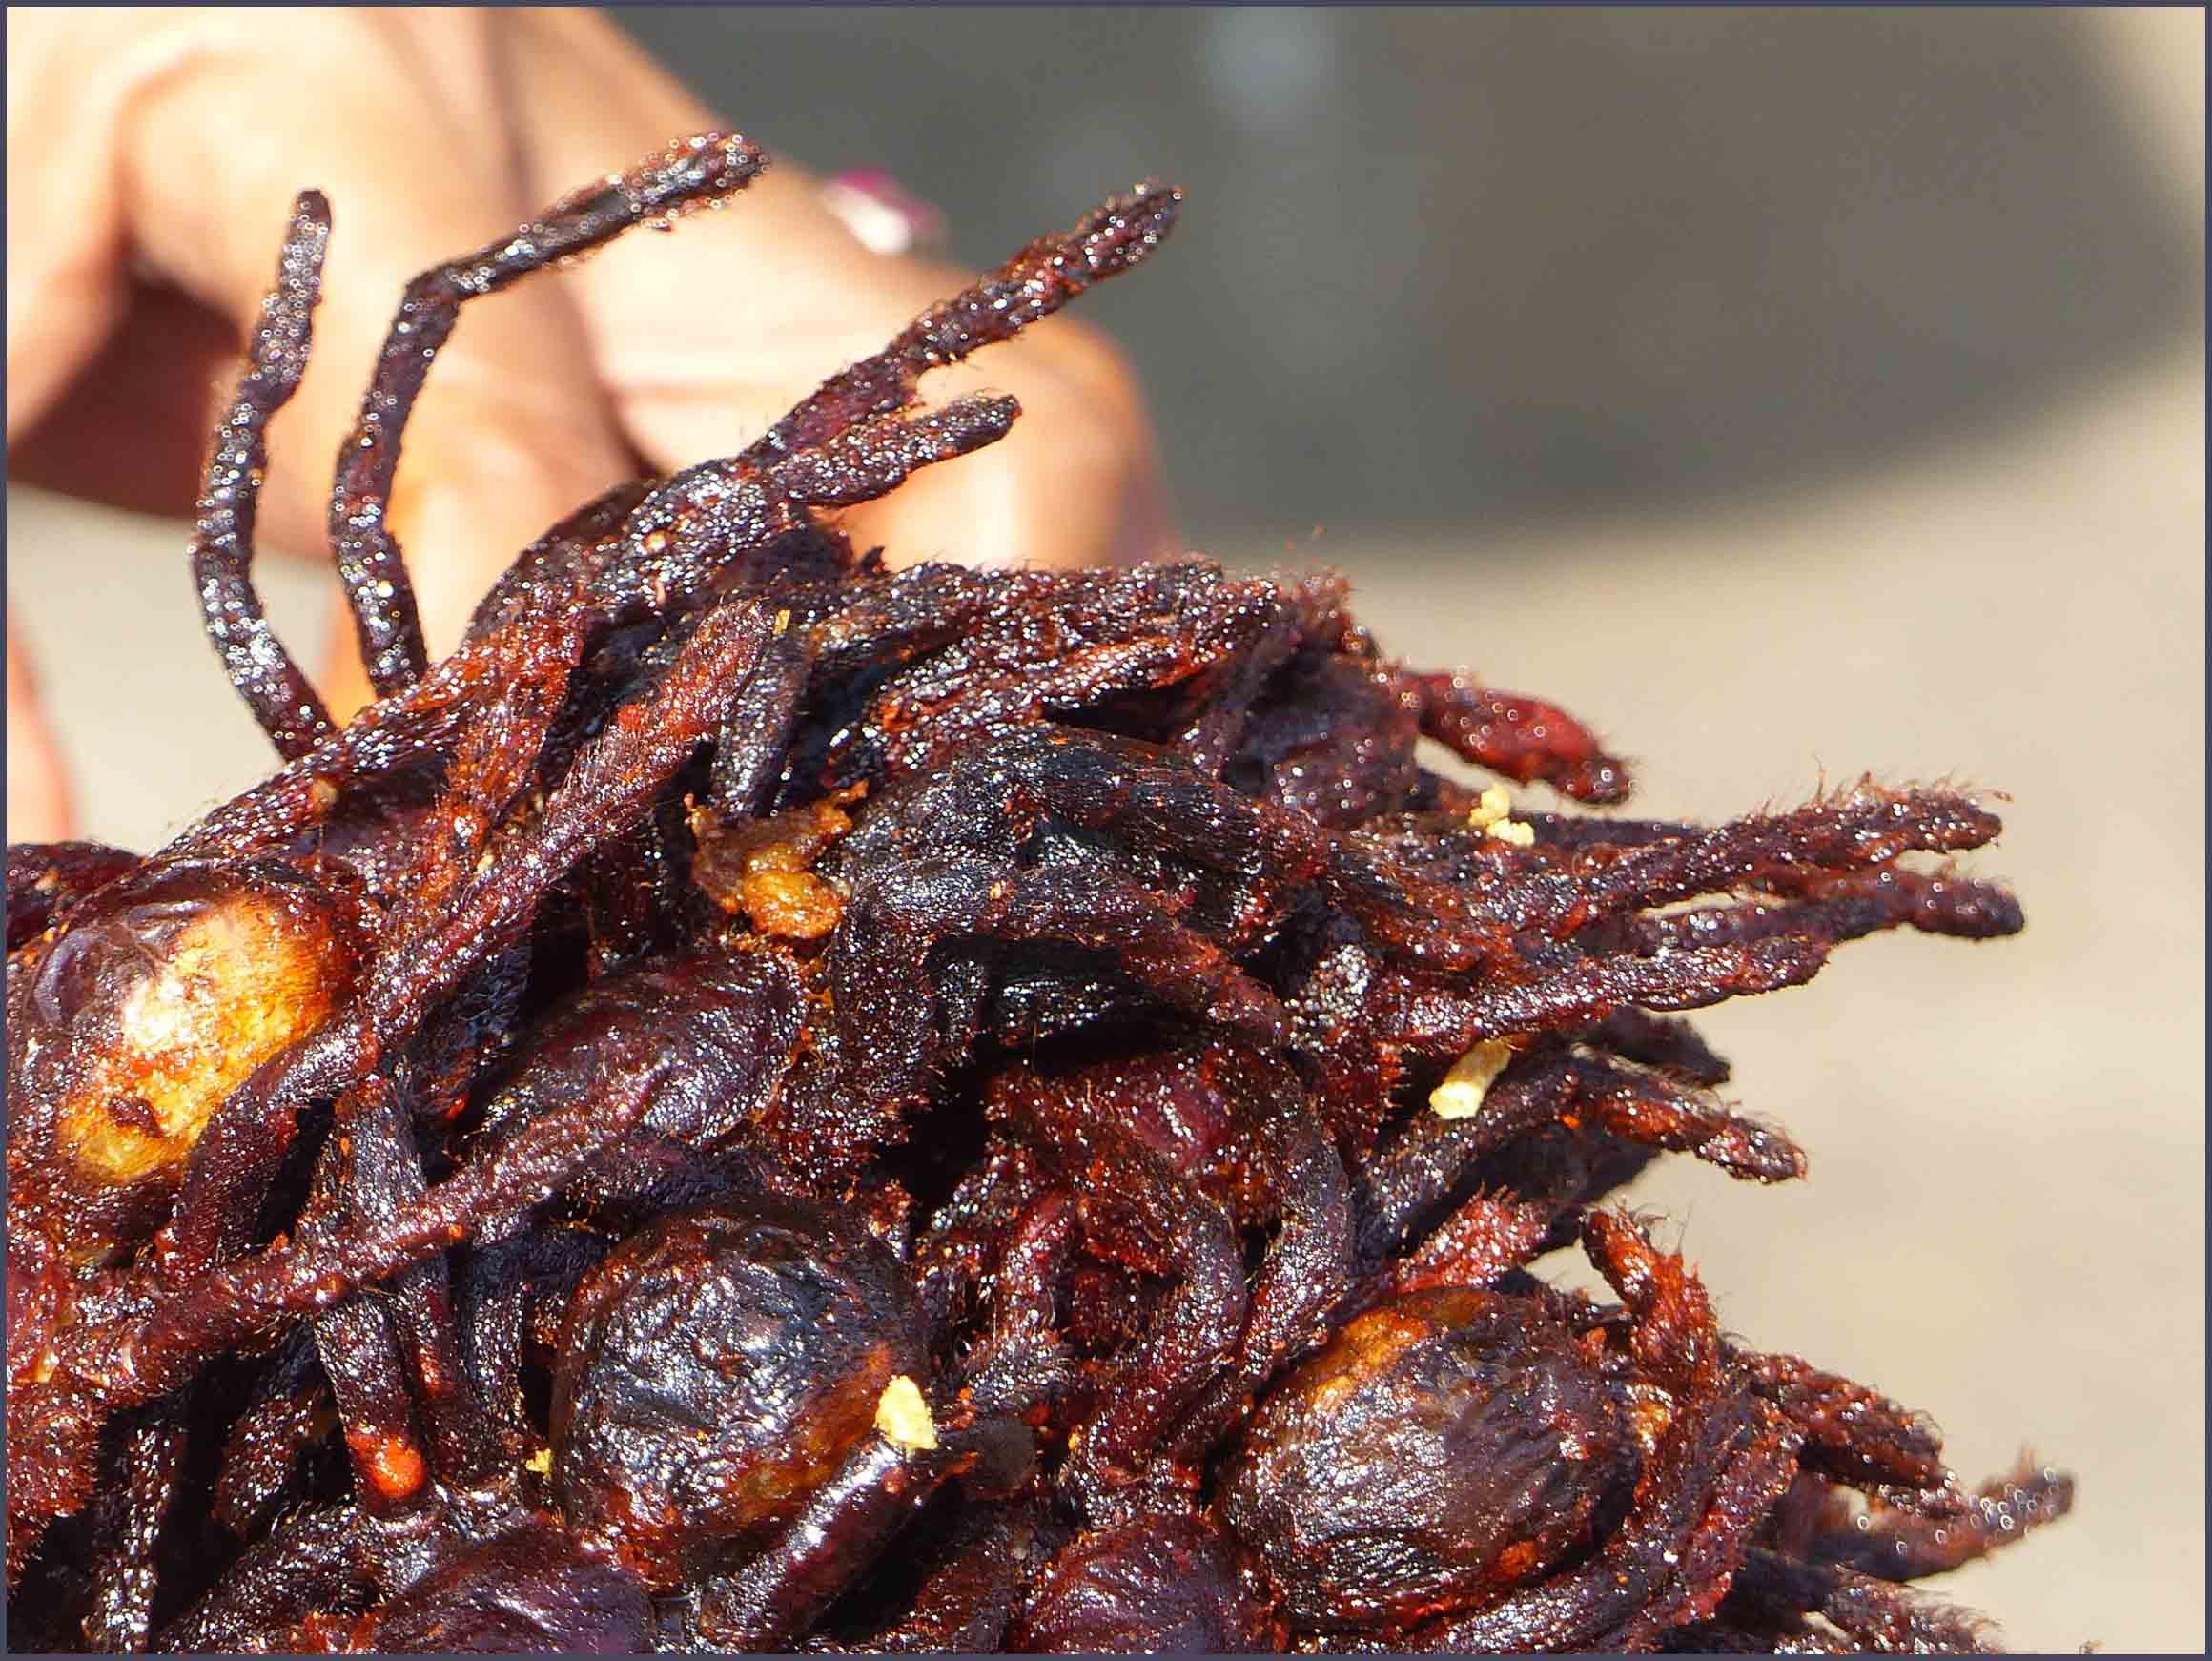 Close-up of fried tarantulas